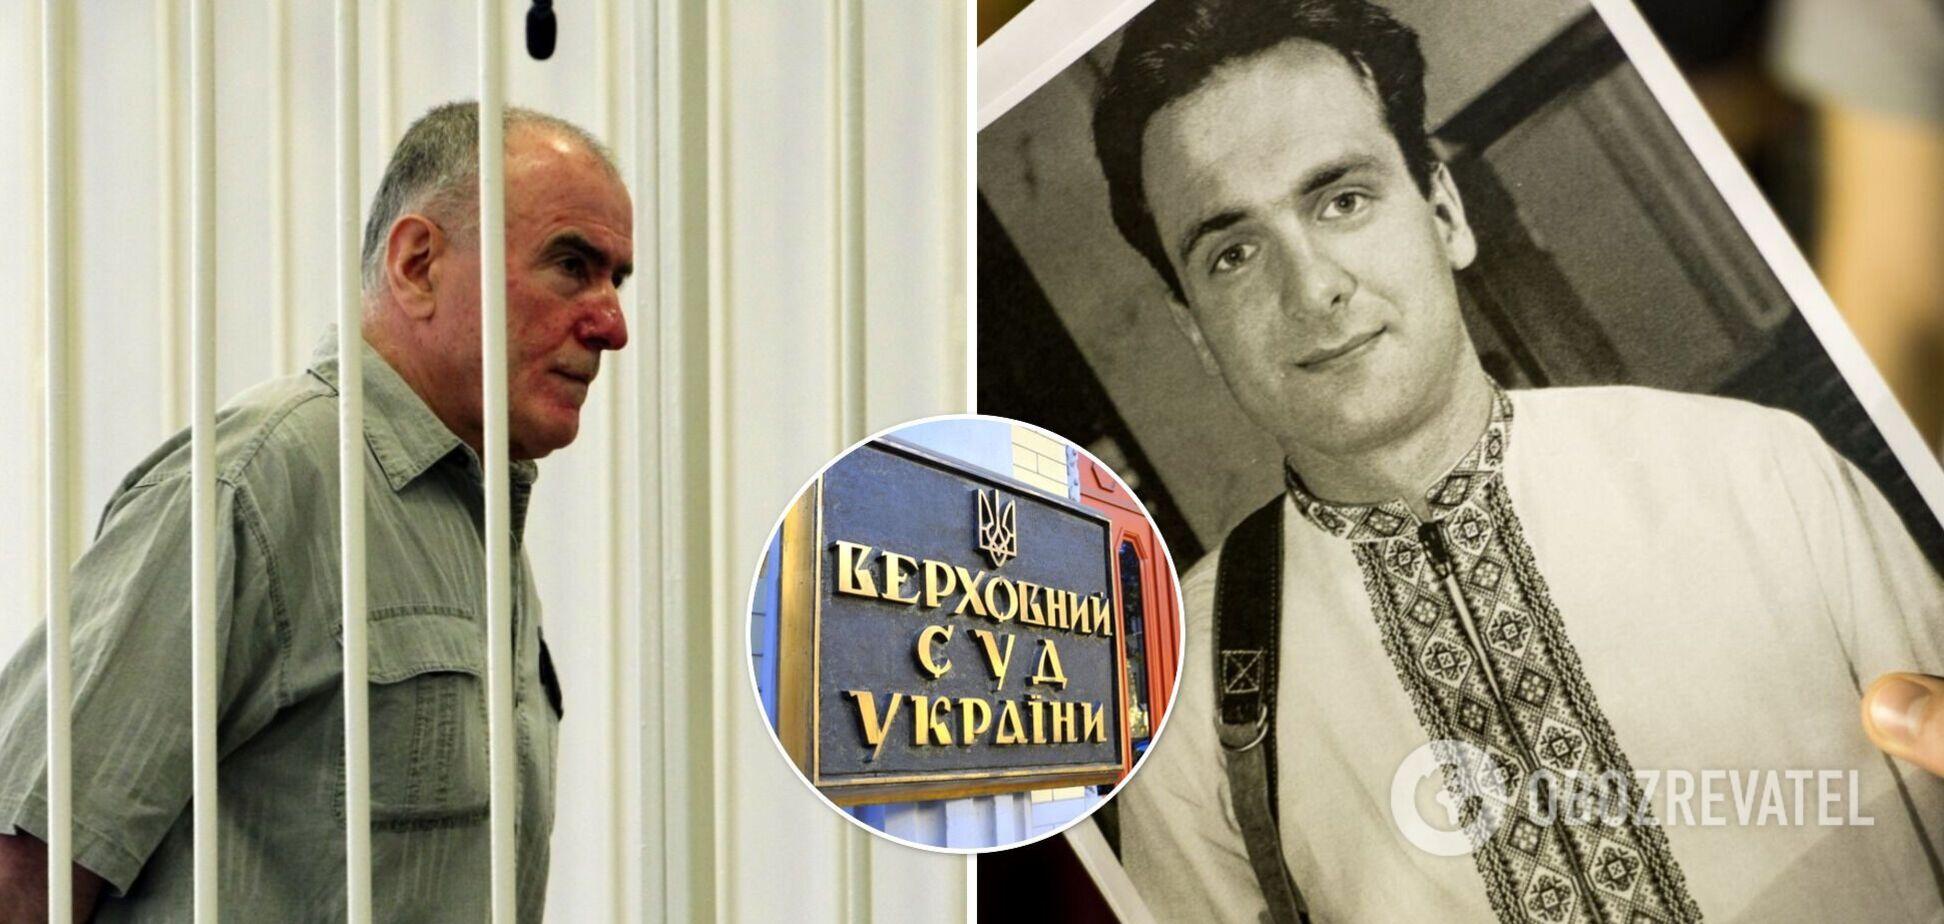 Верховный Суд окончательно утвердил приговор по делу об убийстве Георгия Гонгадзе